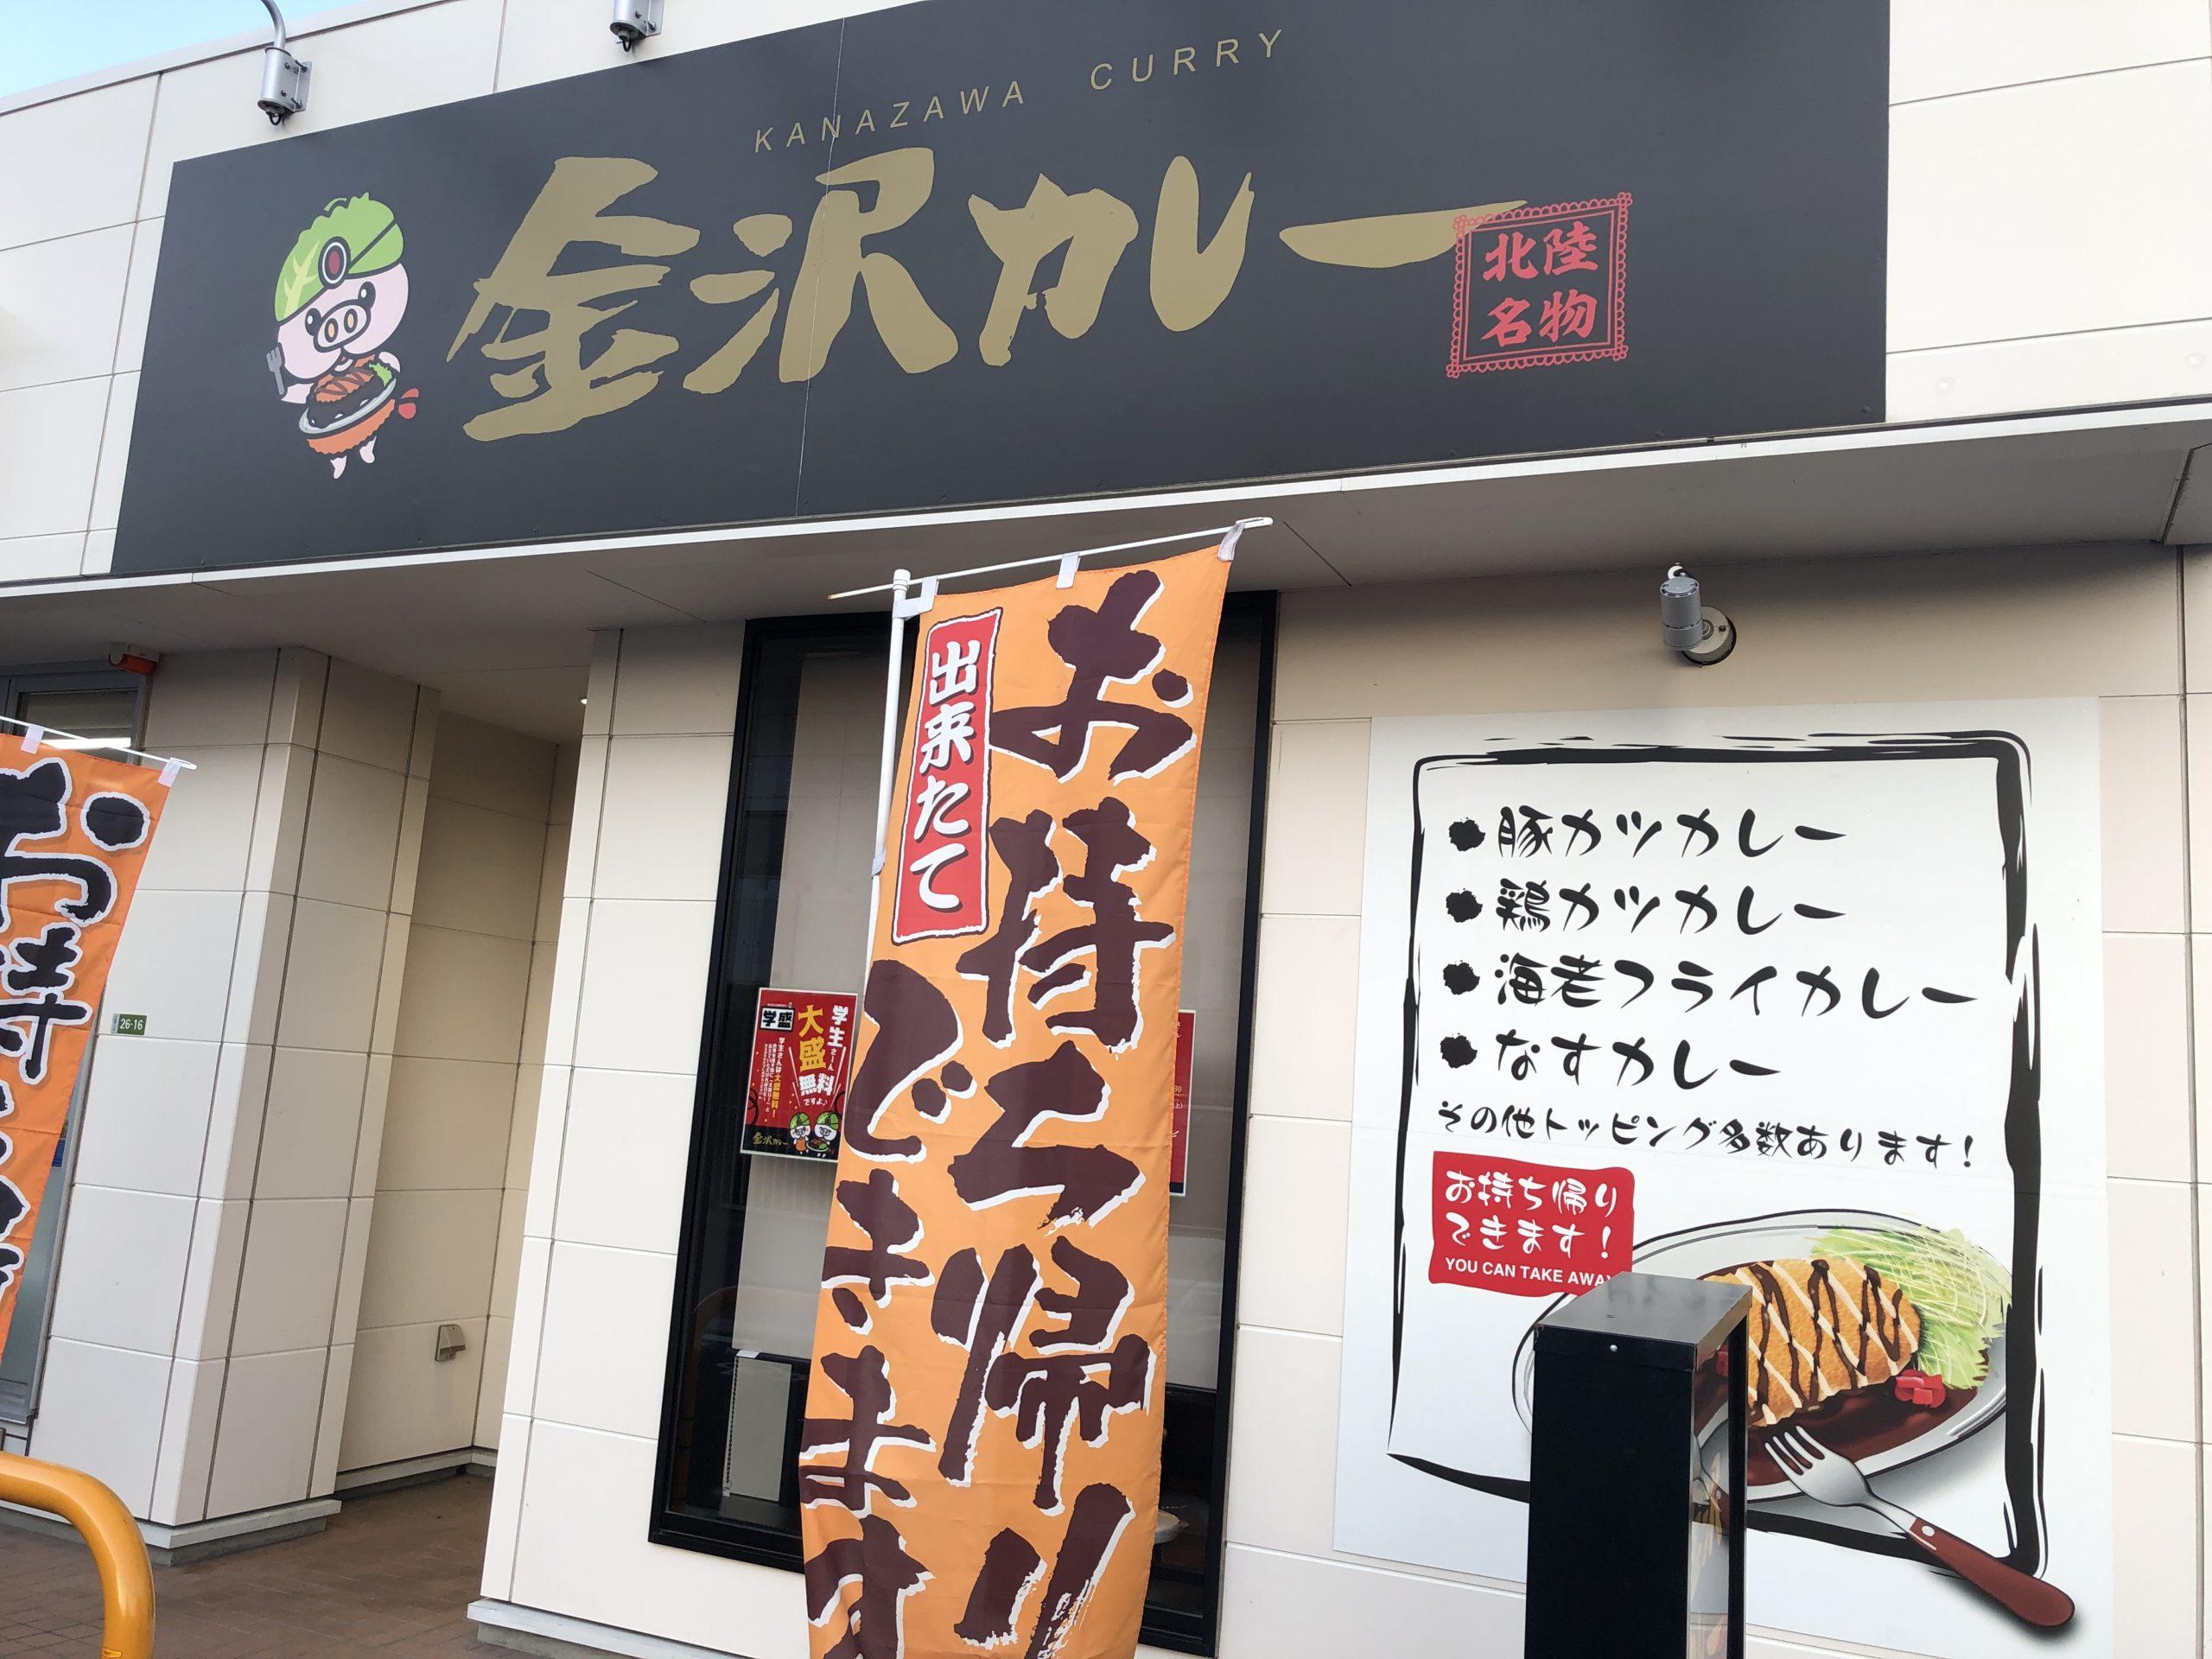 【松本市】北陸名物金沢カレー松本店のSPメニュー「ボンバーカレー」を食らう